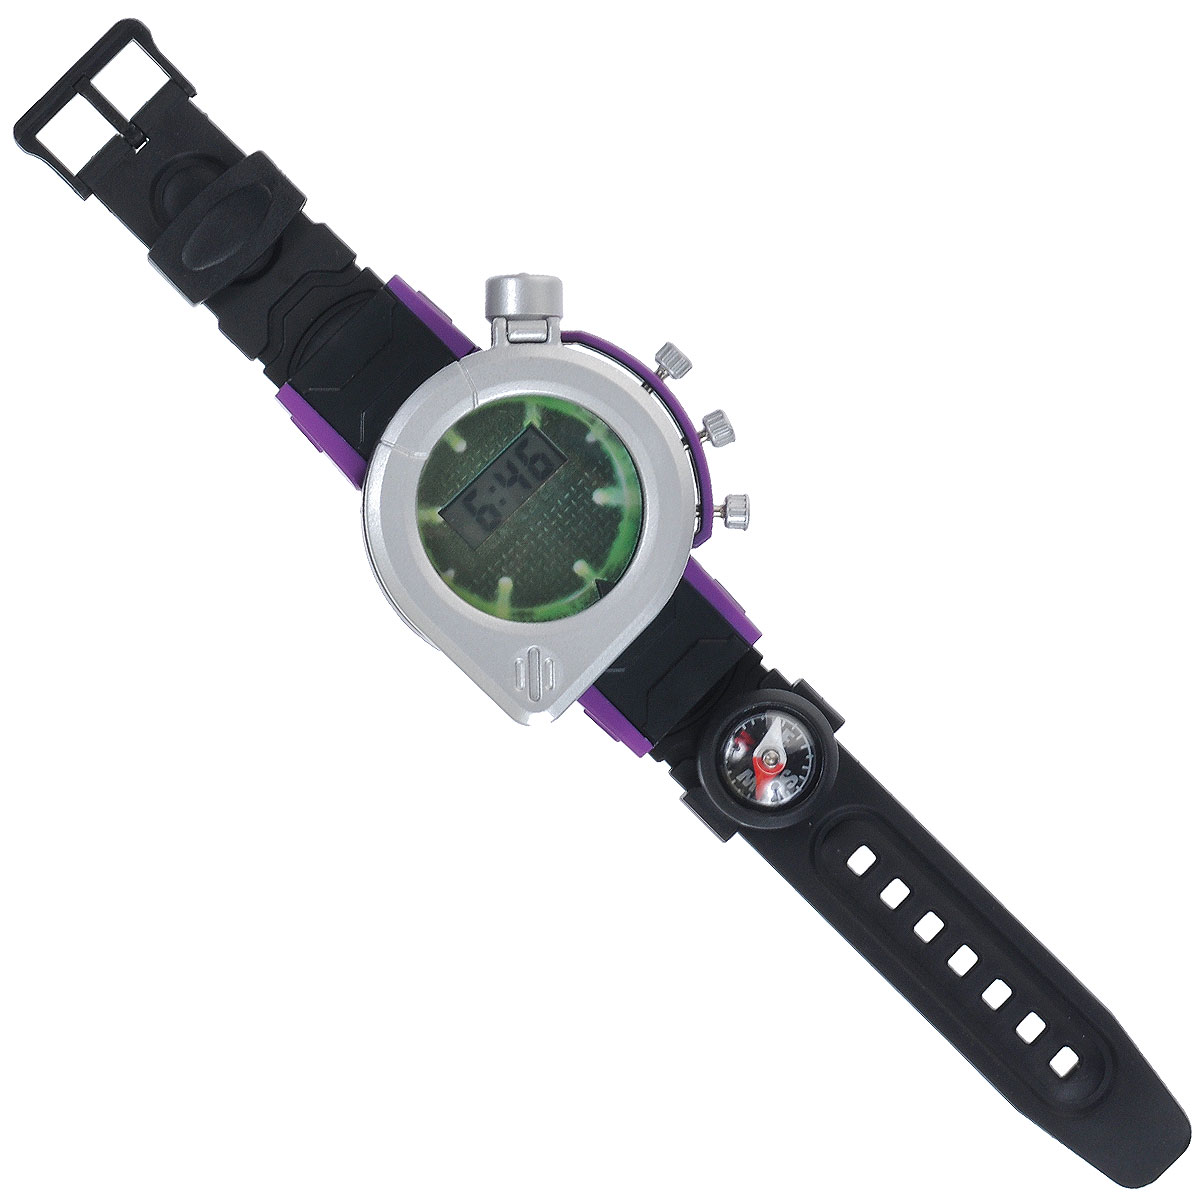 Игрушка Turtles Шпионские часы, цвет: черный, серебристый игрушка turtles шпионские часы цвет черный серебристый